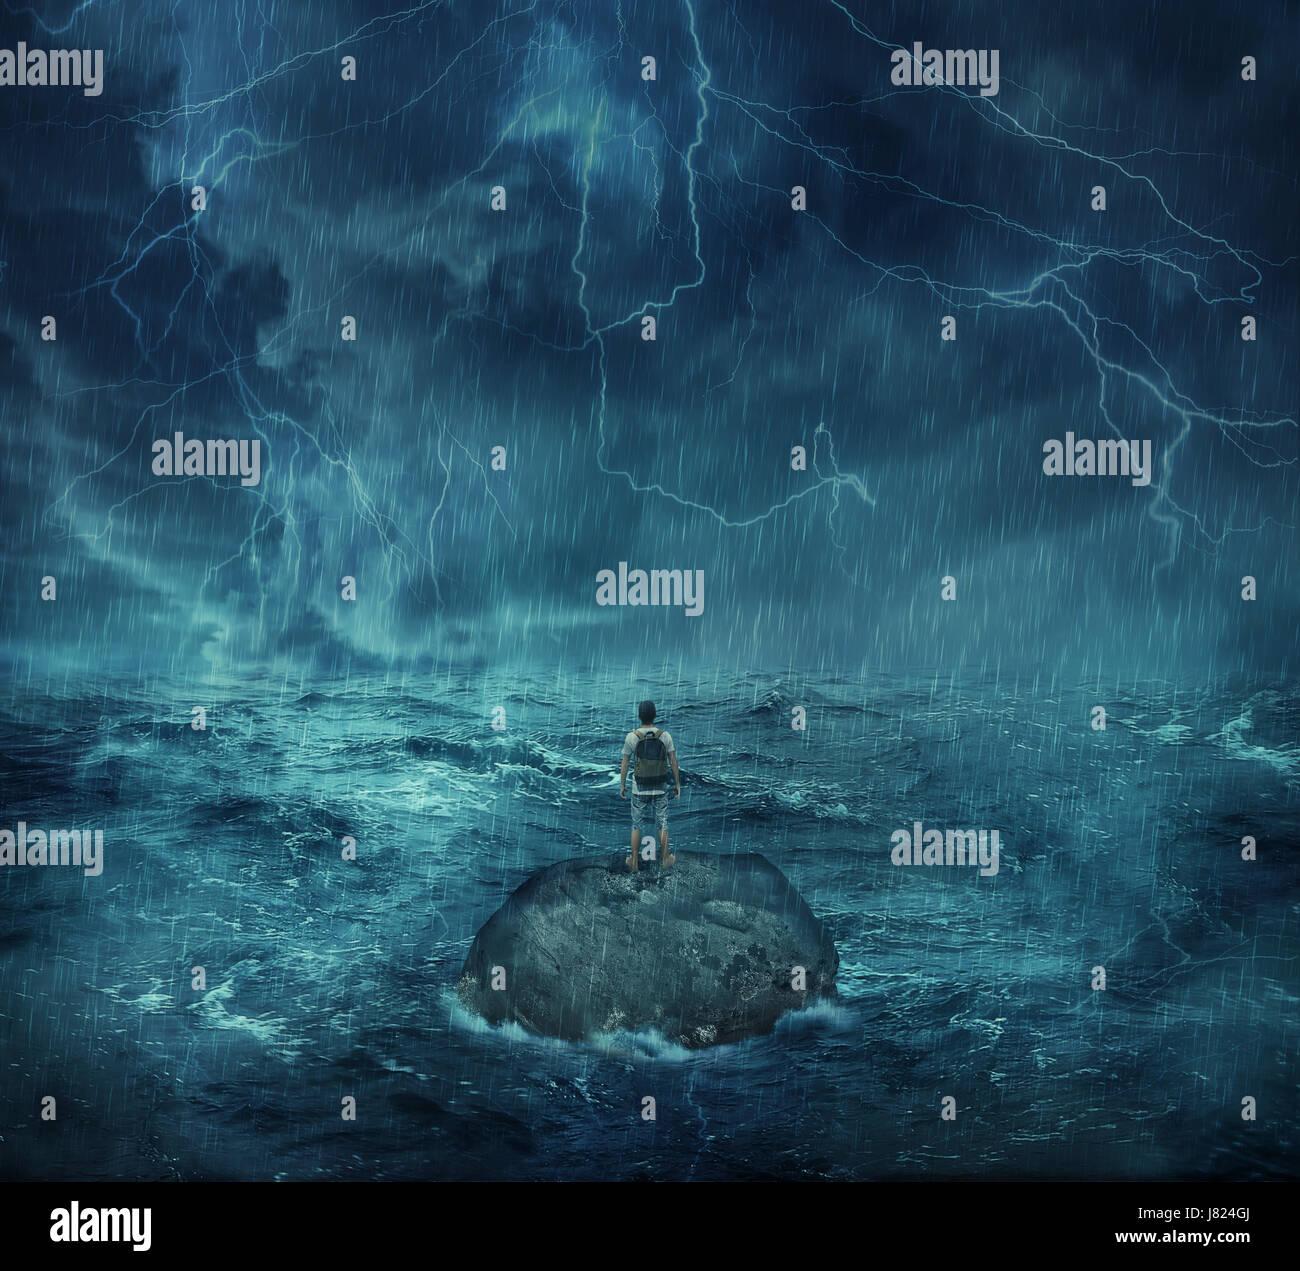 Perdido man standing abandonado en una isla de roca en medio del océano, en una noche de tormenta con relámpagos Foto de stock